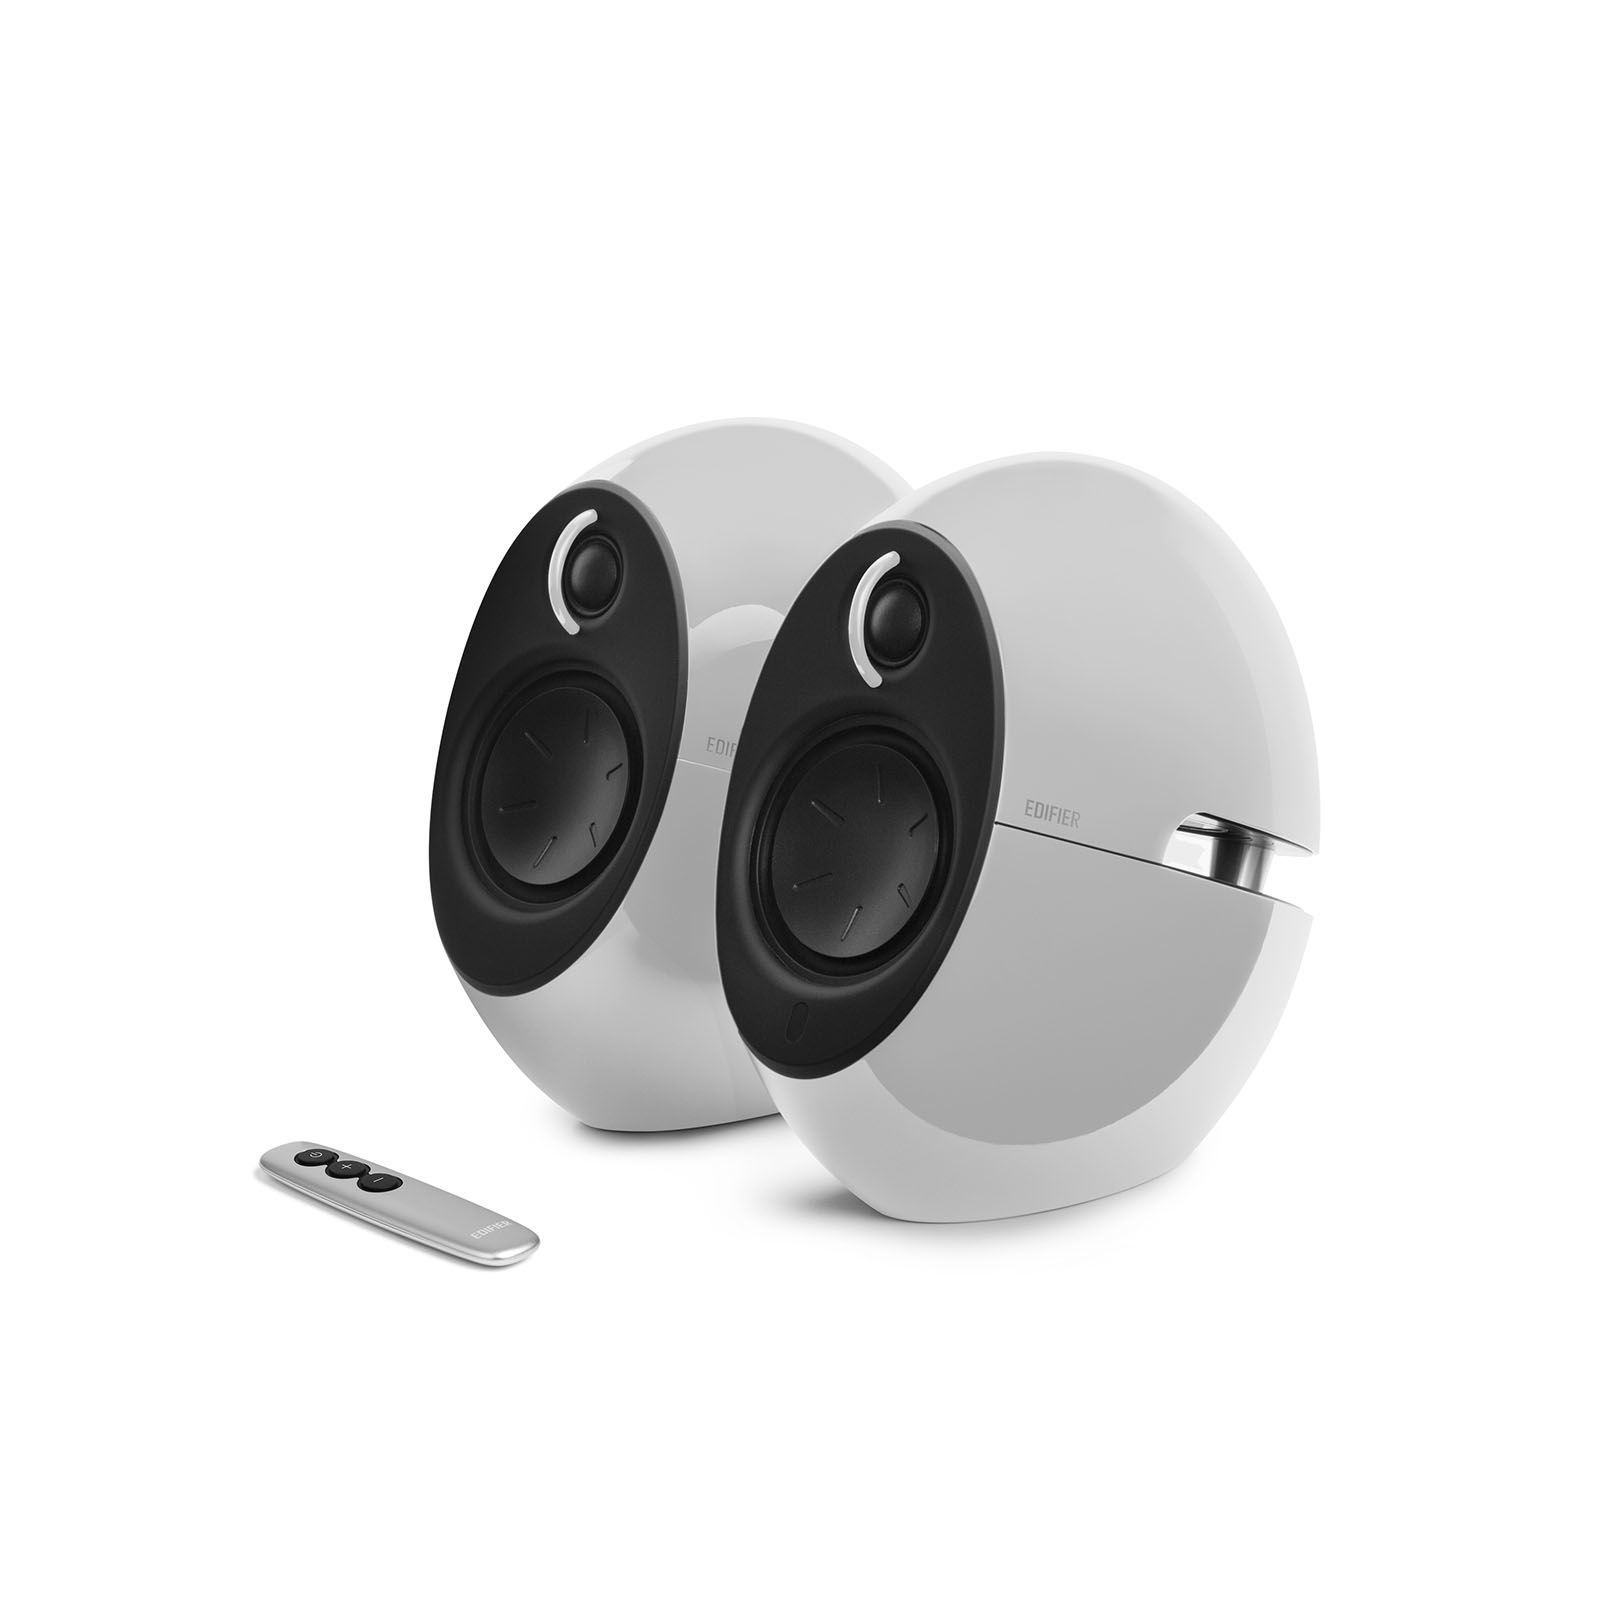 Edifier Luna HD luidspreker 74 W Wit Bedraad en draadloos